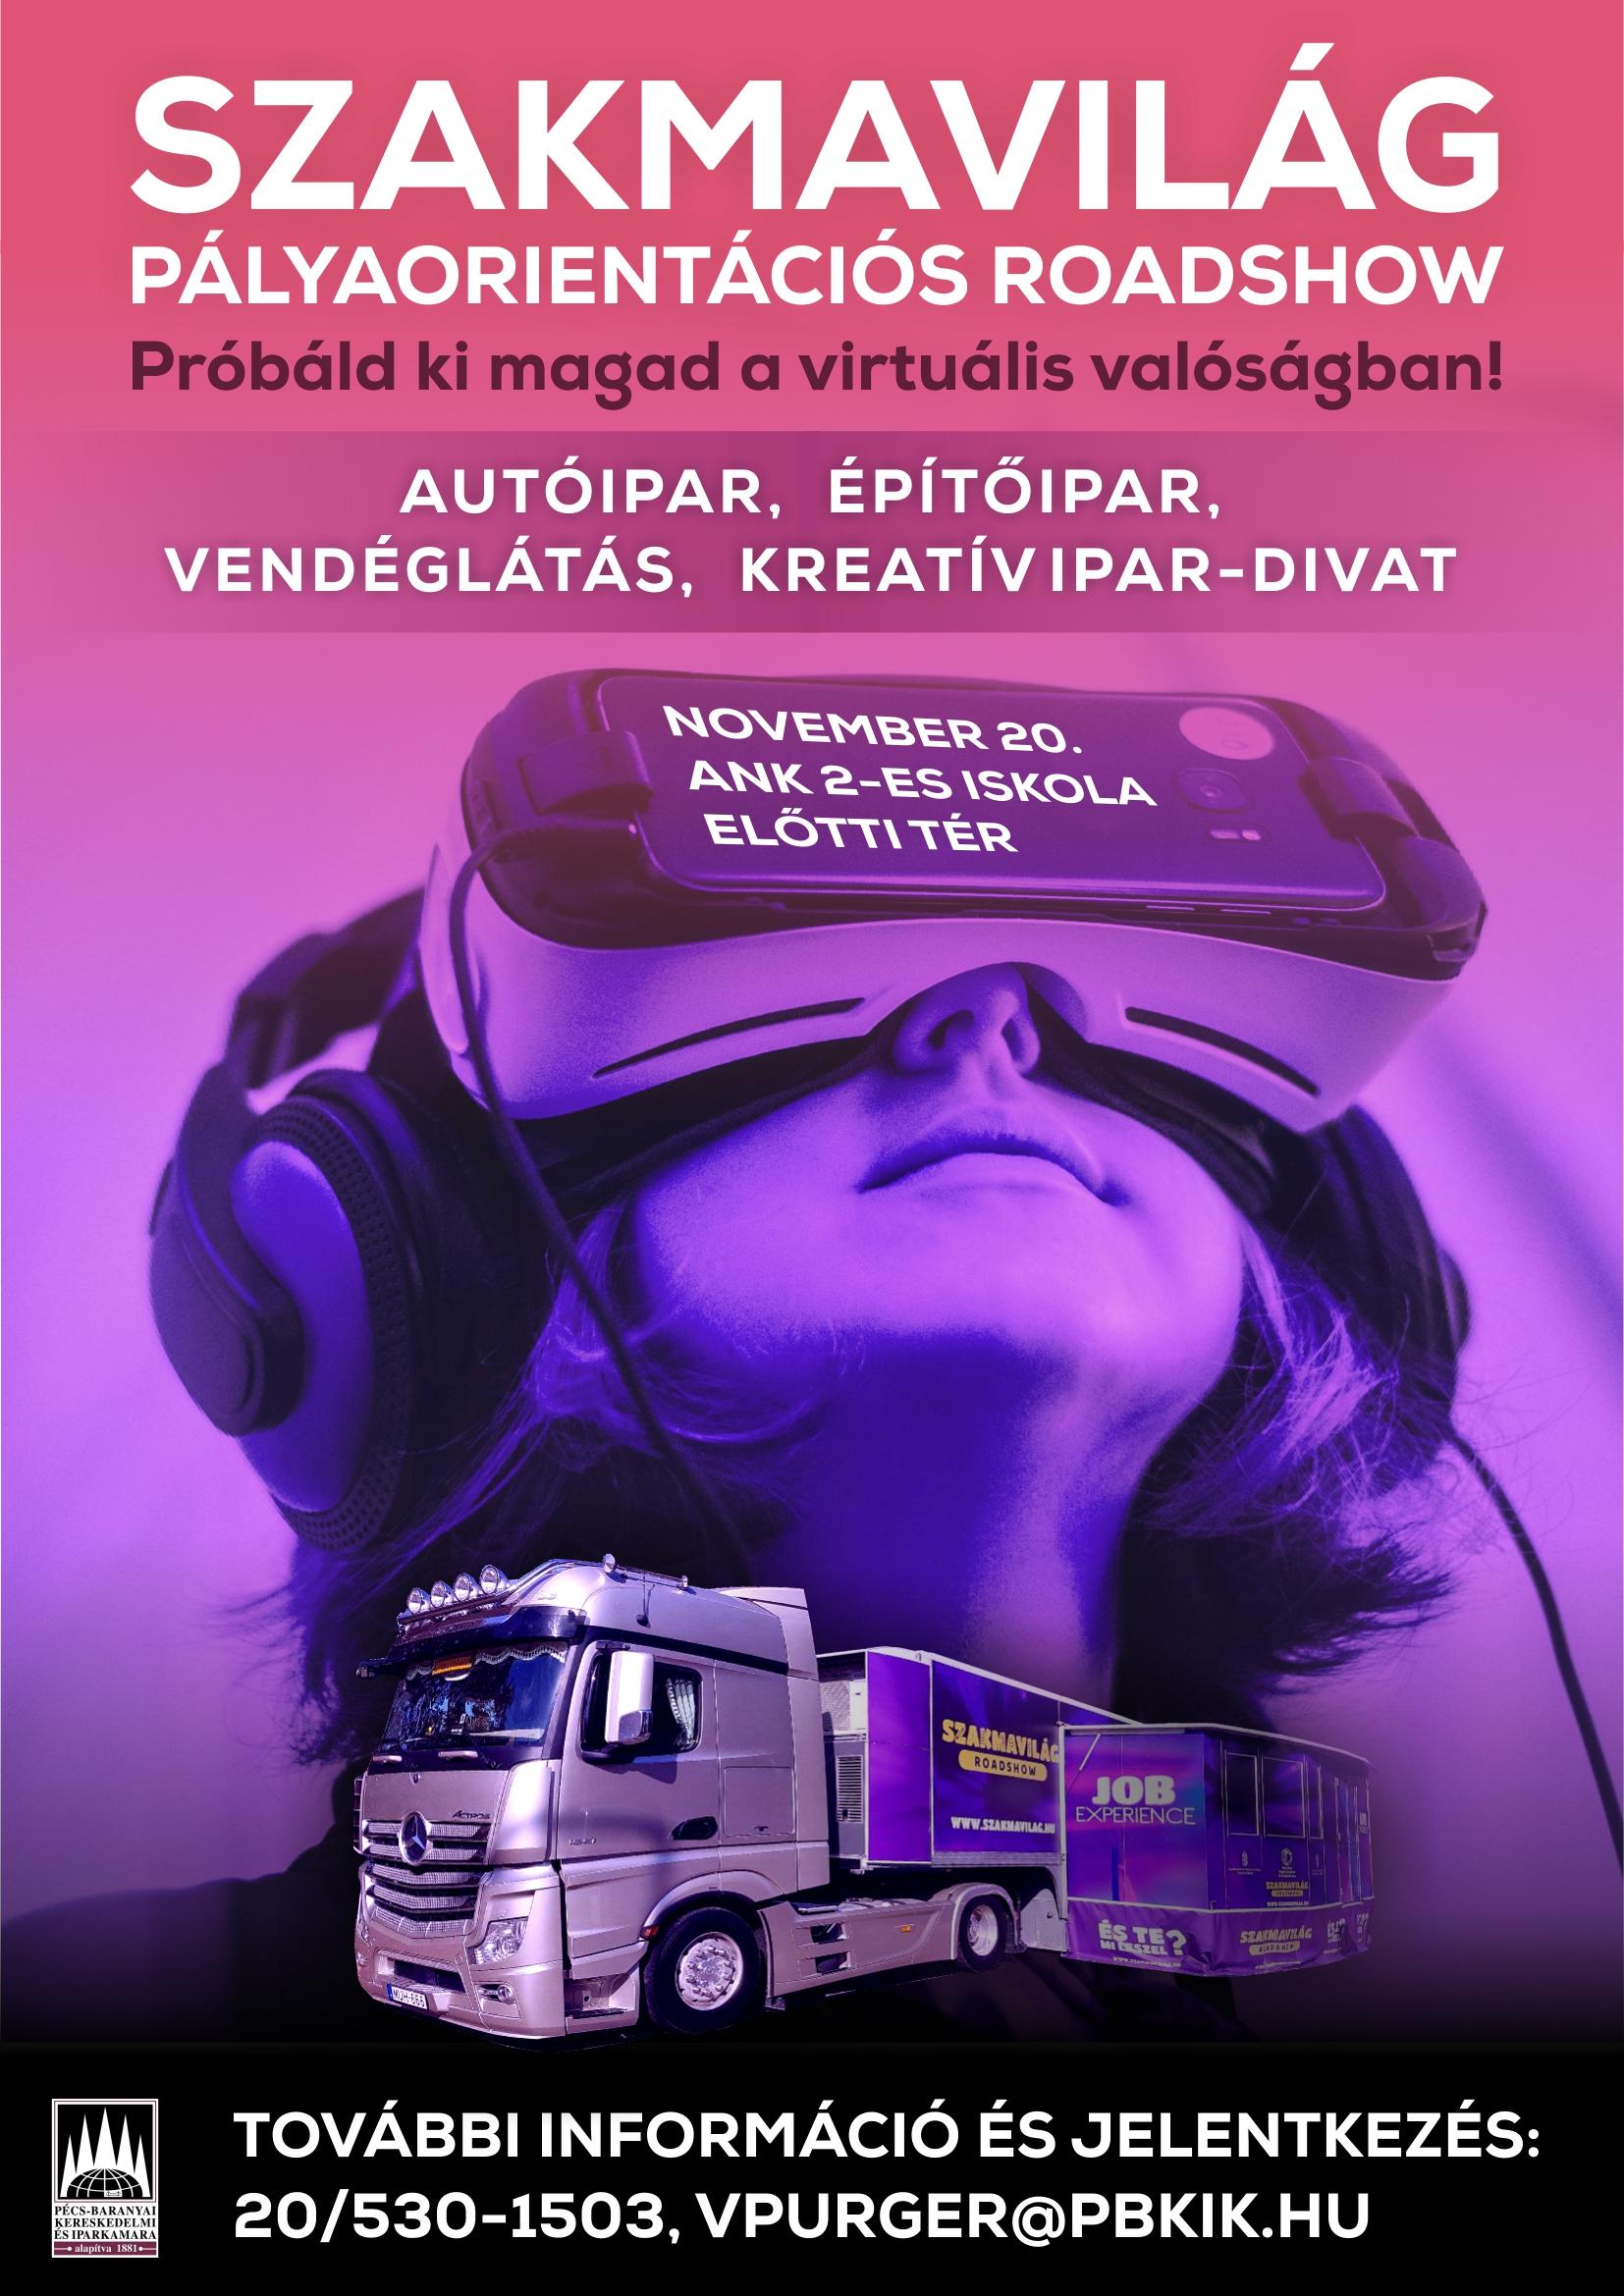 3ea65826f7 Szakmavilág pályaorientációs roadshow - szakmák VR szemüvegen keresztül! -  Pécs-Baranyai Kereskedelmi és Iparkamara